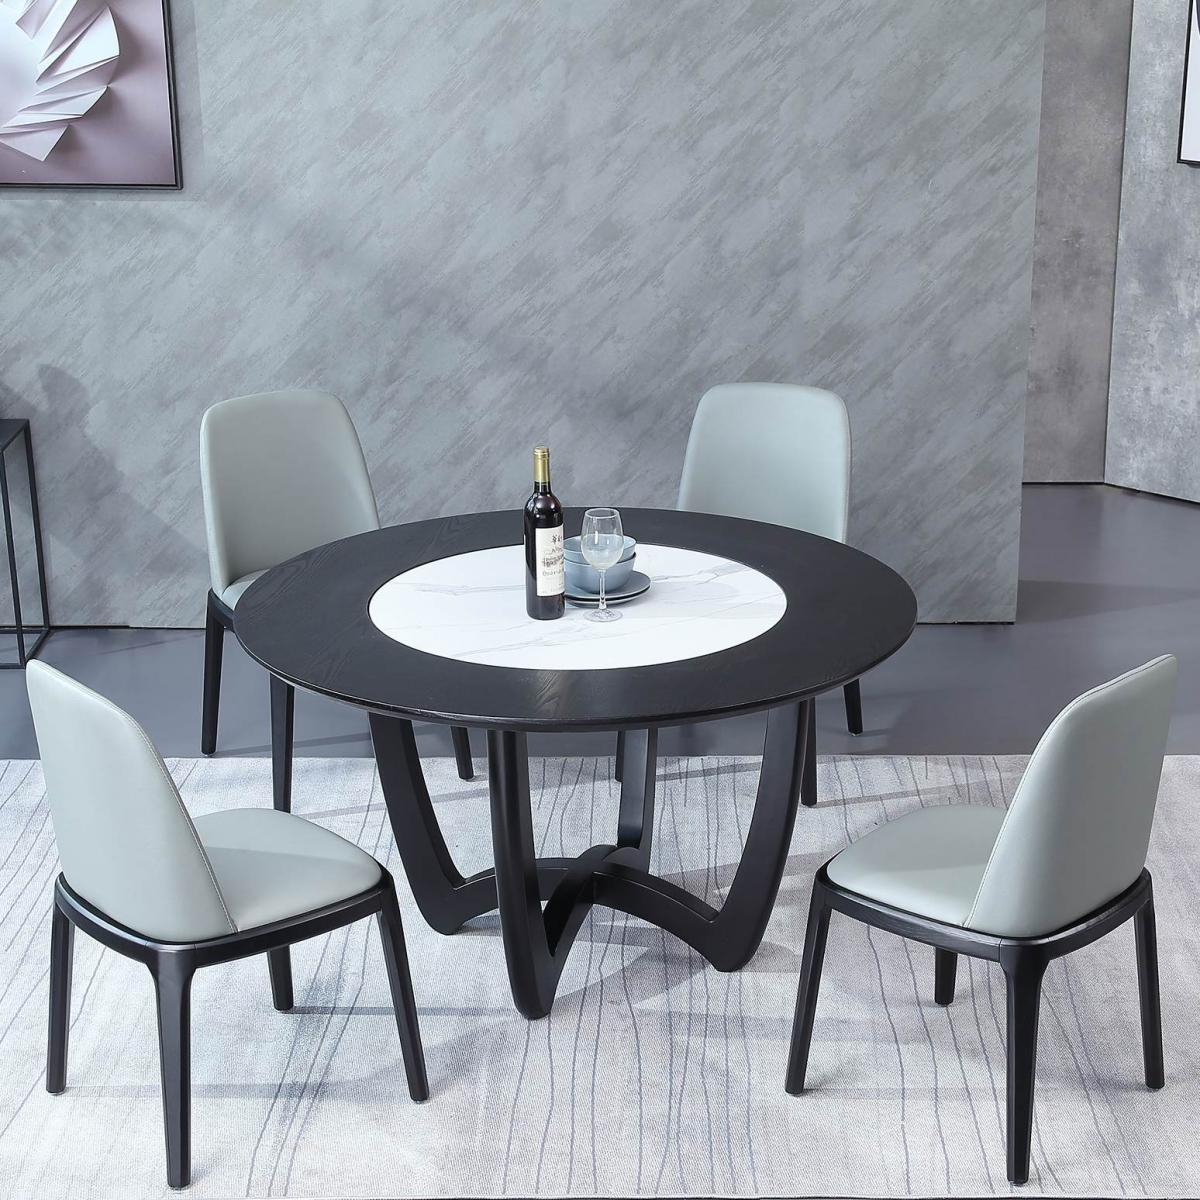 意式岩板圆形实木餐桌椅组合现代简约圆餐桌带转盘大理石北欧桌子